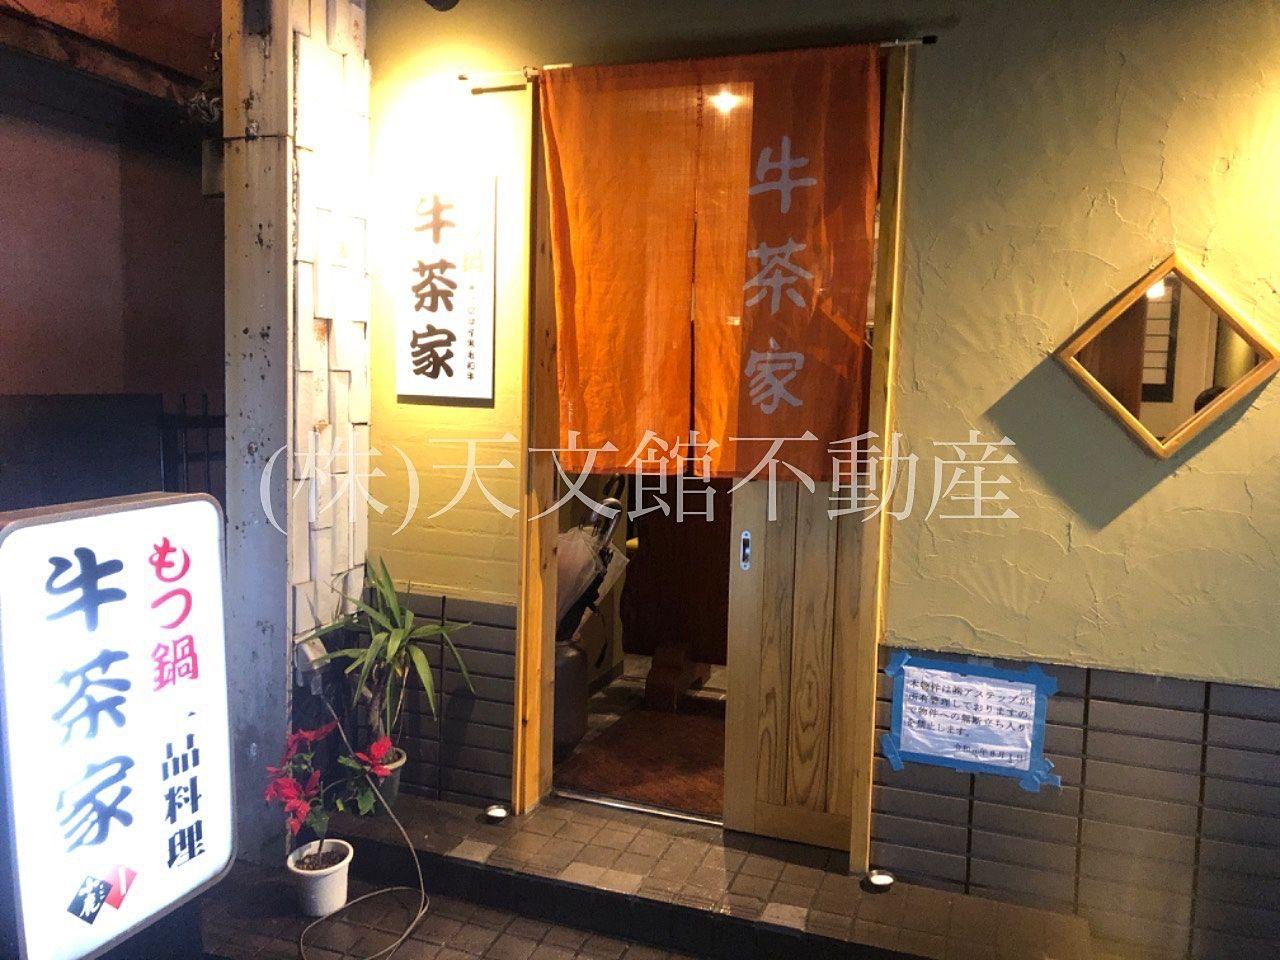 鹿児島市山之口町もつ鍋牛茶屋野菜たっぷりのおすすめ居酒屋です。外観入口